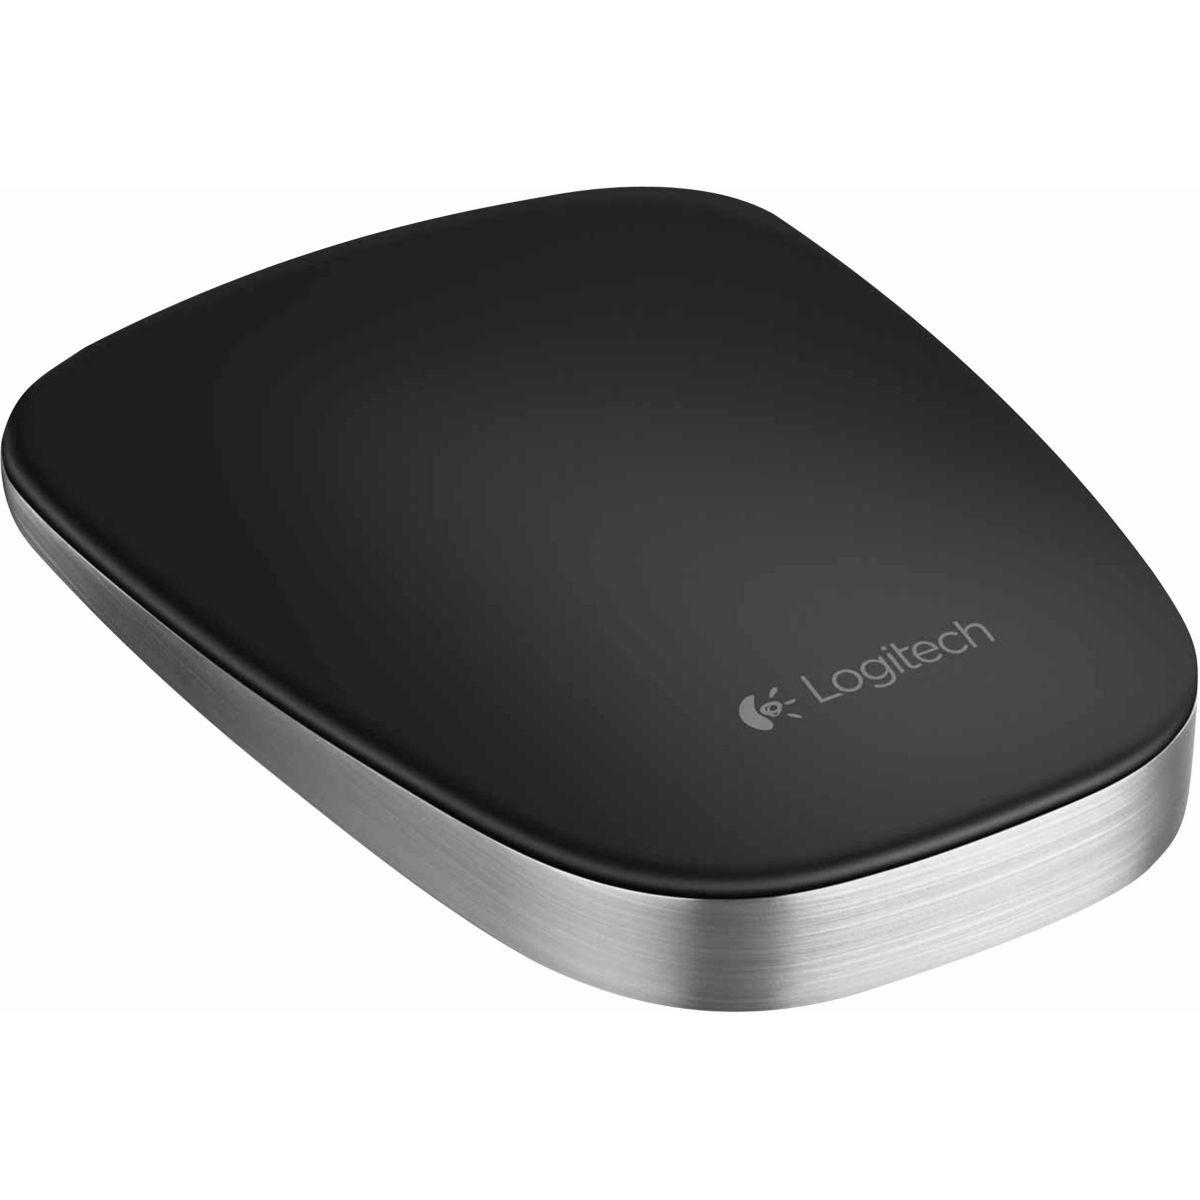 Souris sans fil logitech t630 ultra thin touch mouse - 3% de remise immédiate avec le code : multi3